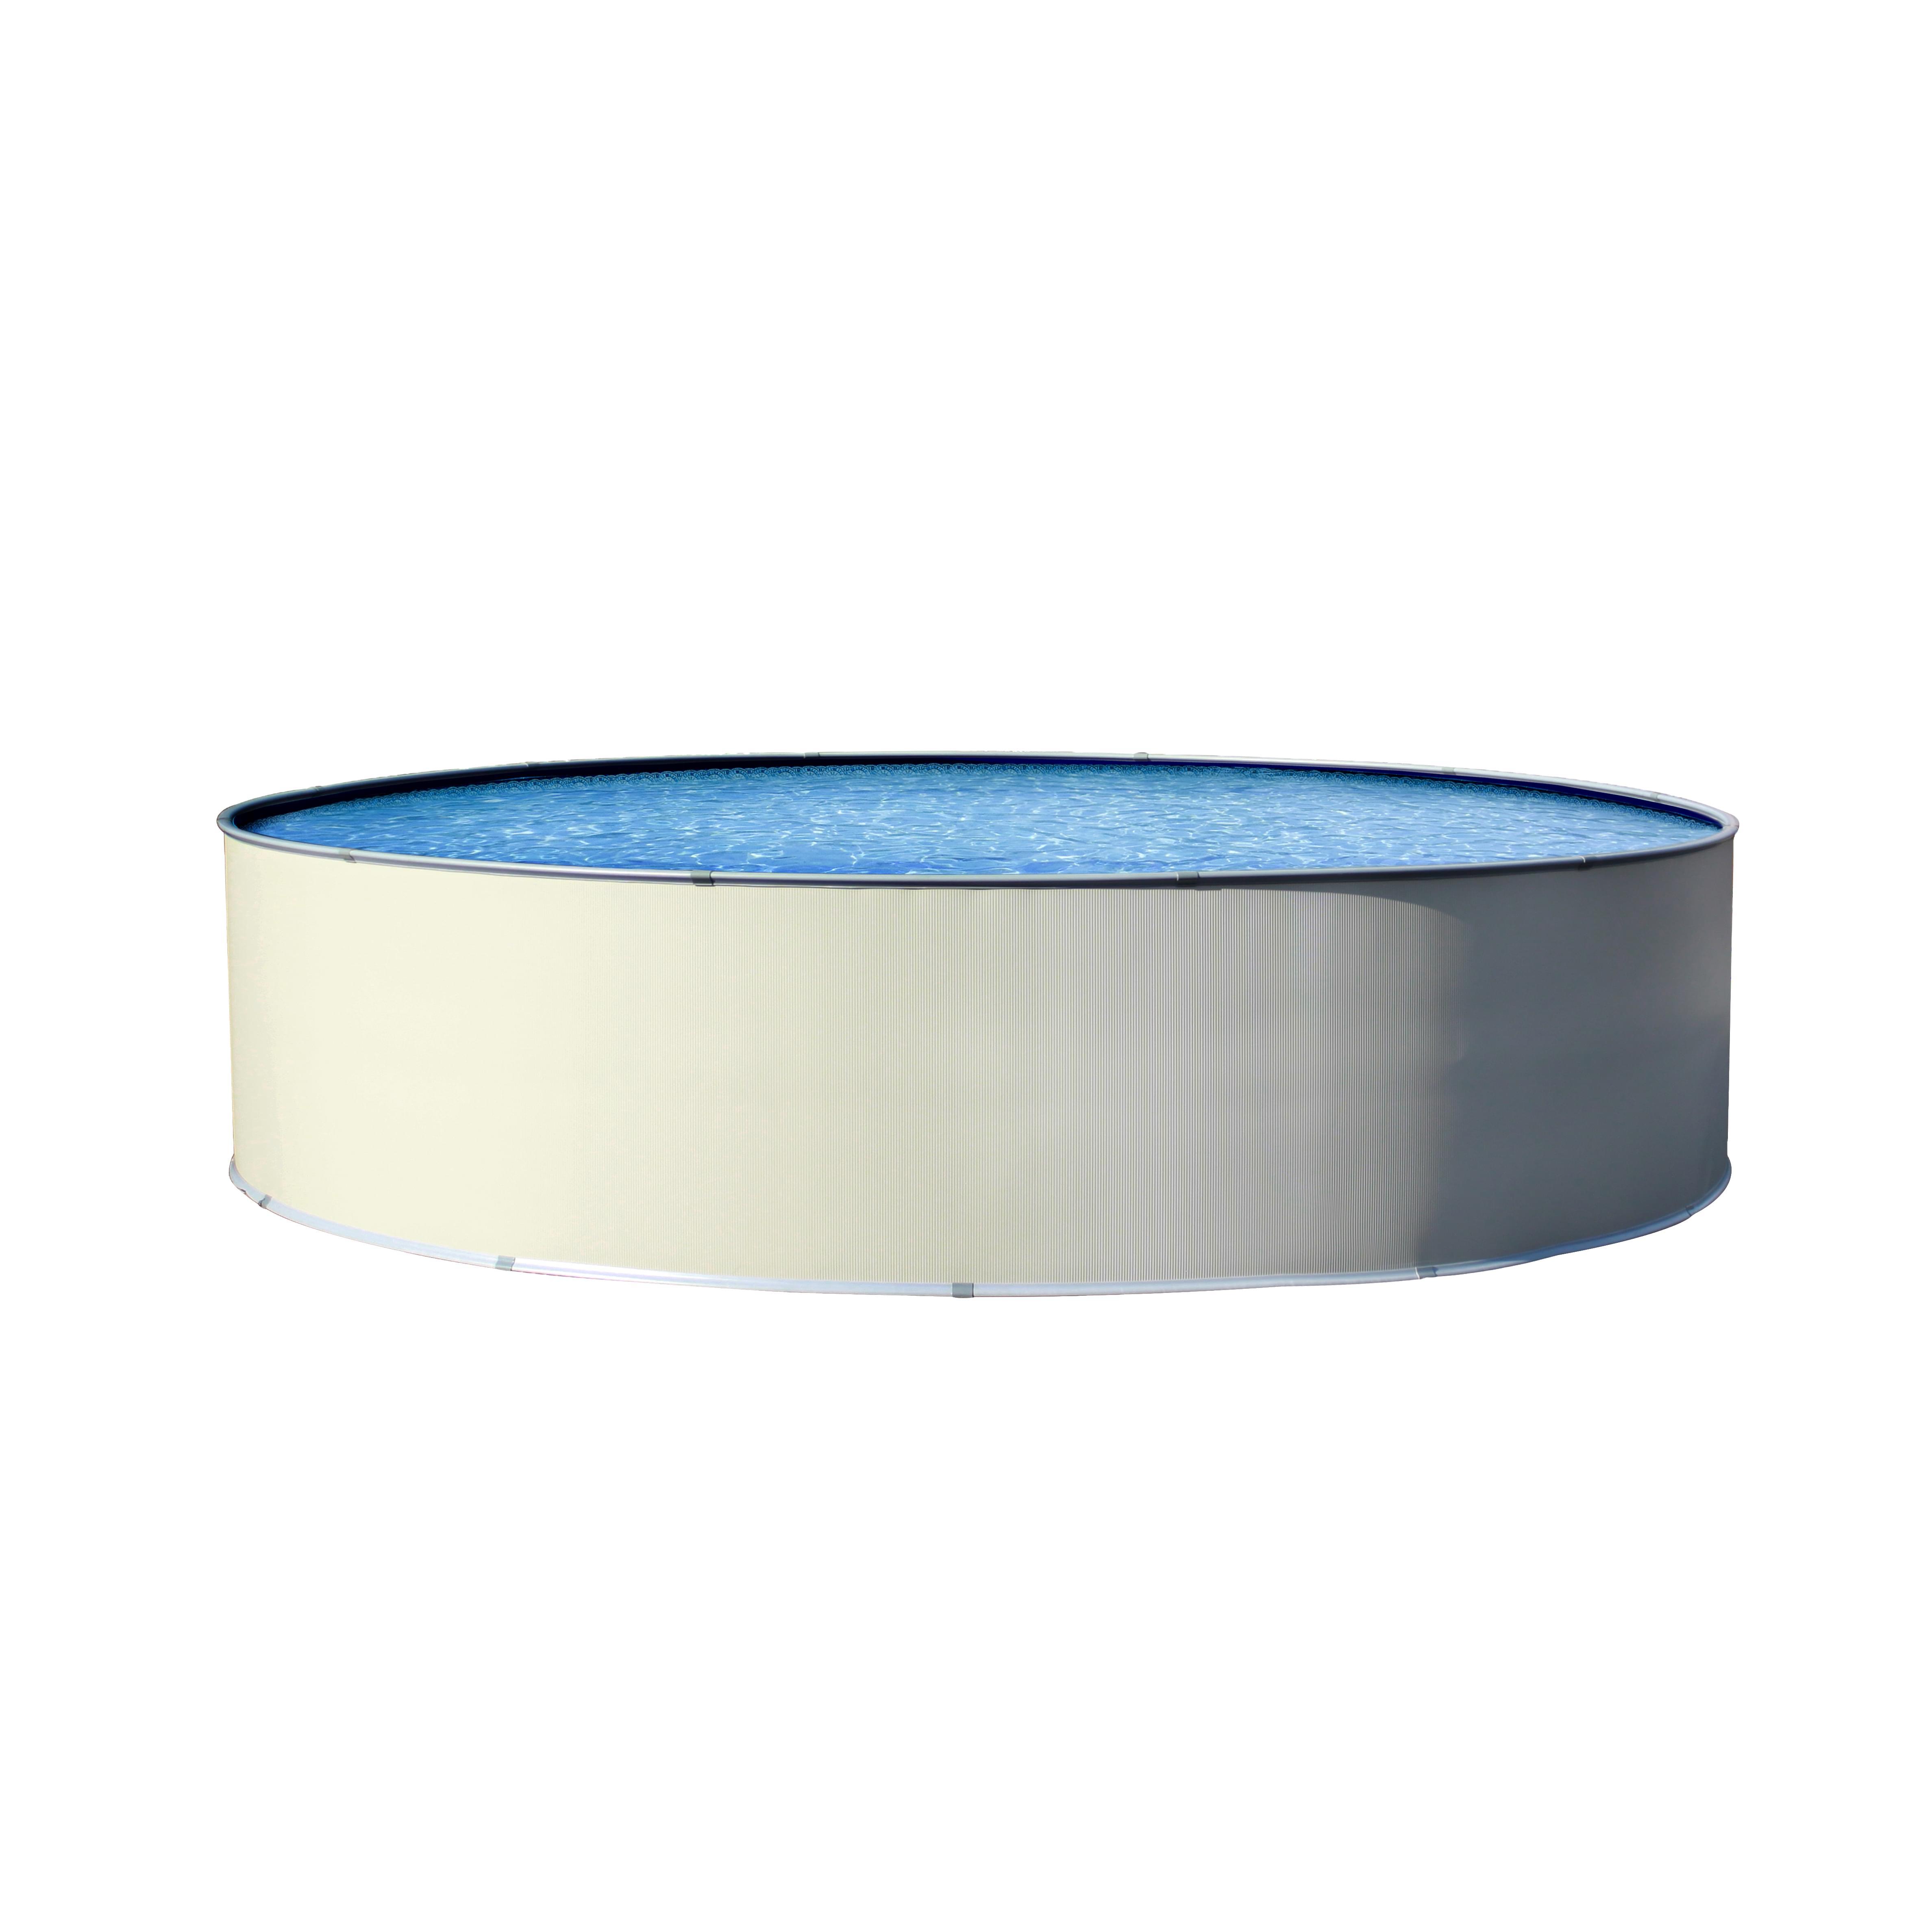 Simplicity 21 pied ronde piscine hors terre forfait for Chauffe eau pour piscine hors terre